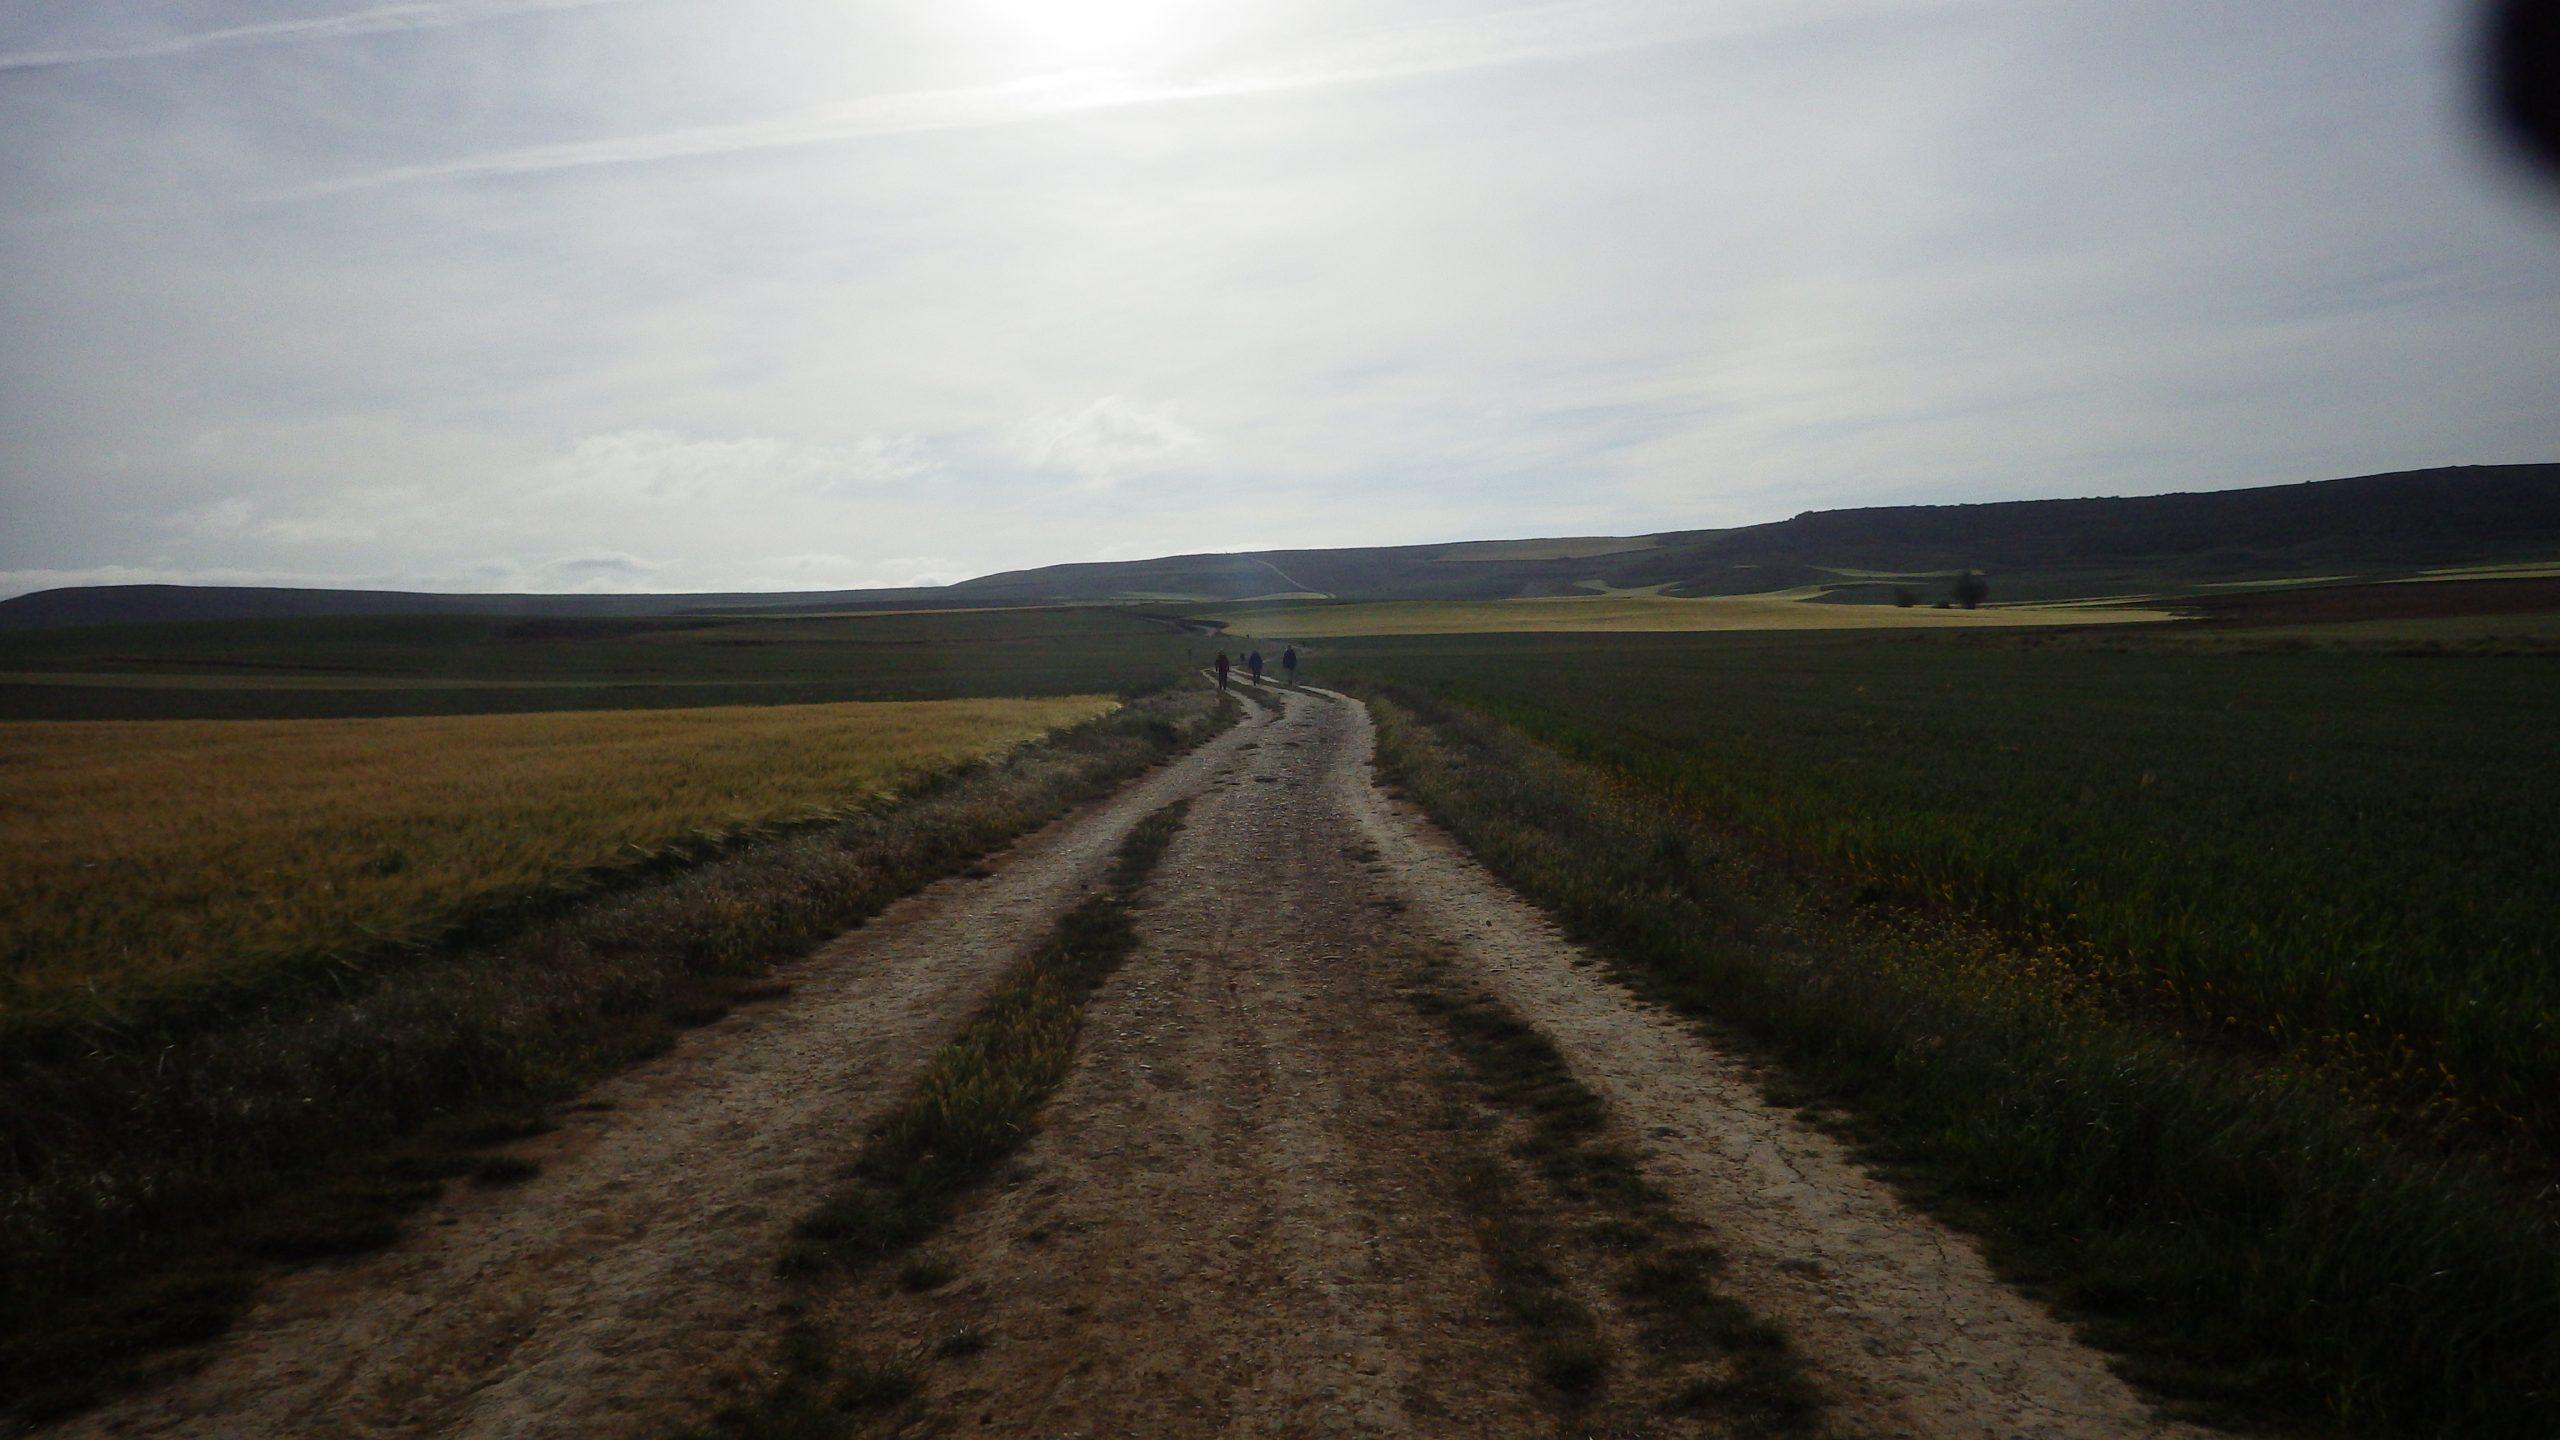 The Meseta on the Camino de Santiago